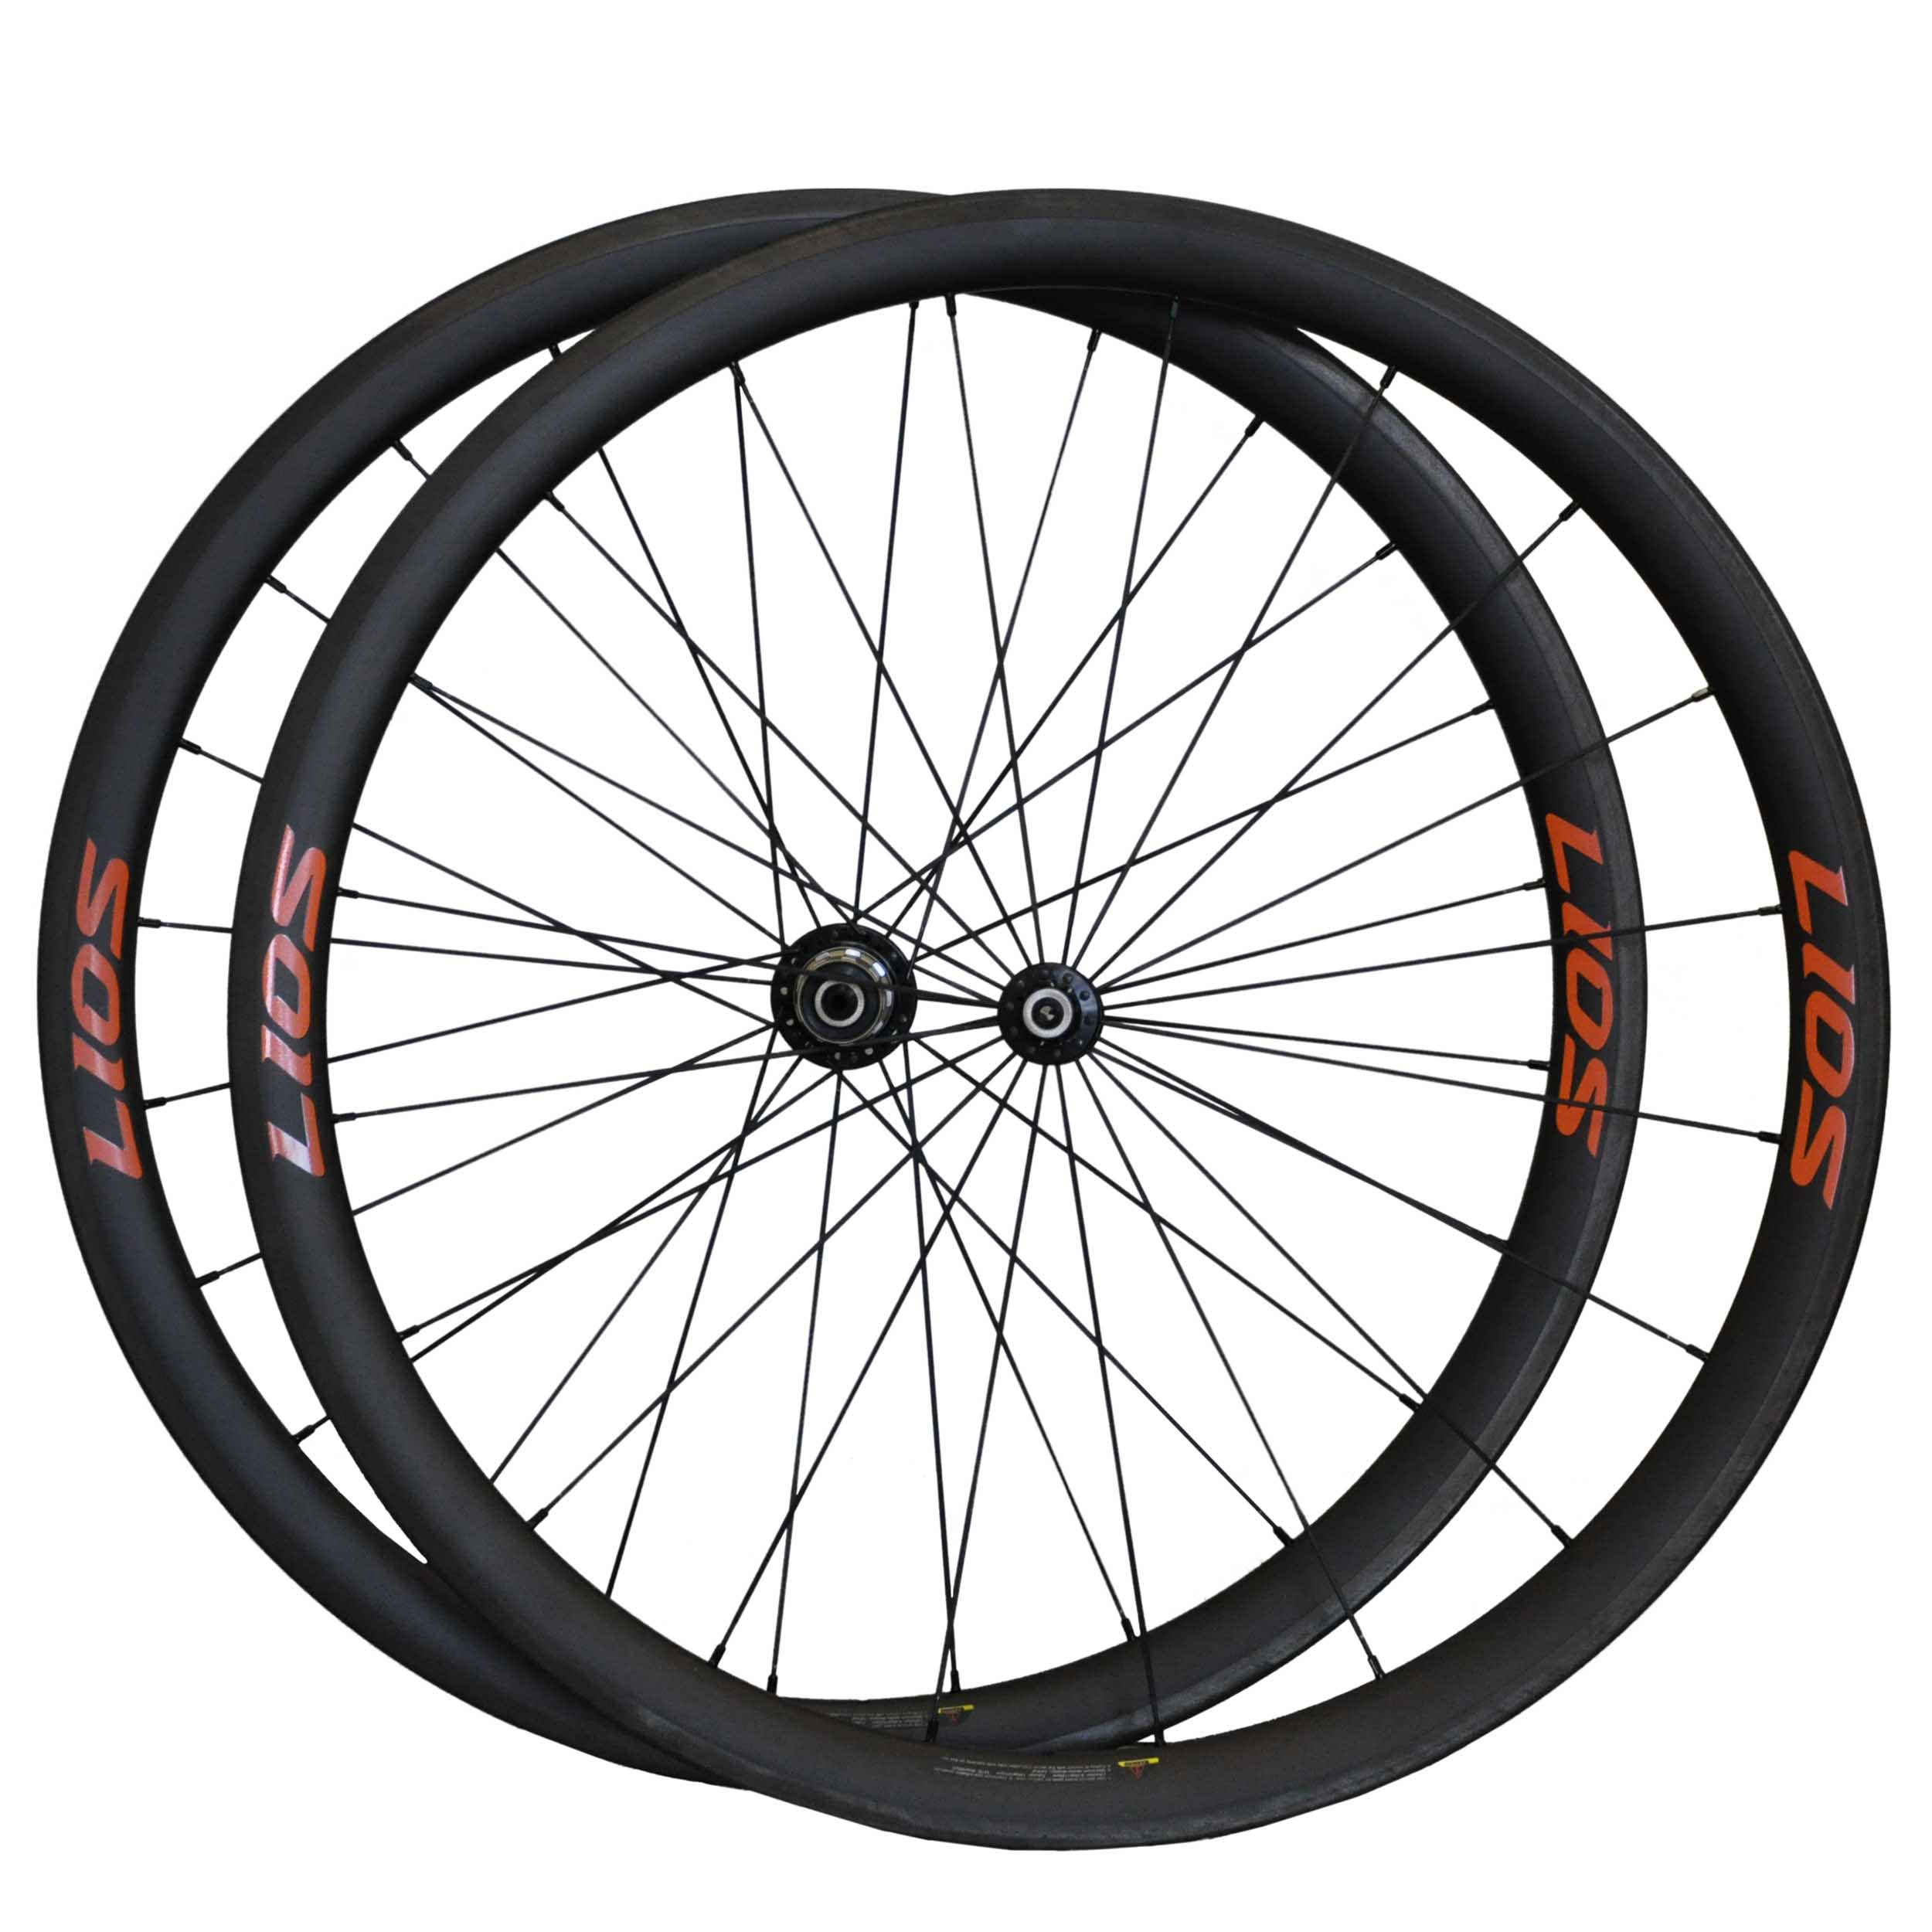 lios-wheel-c36-orange-logo-image1.jpg